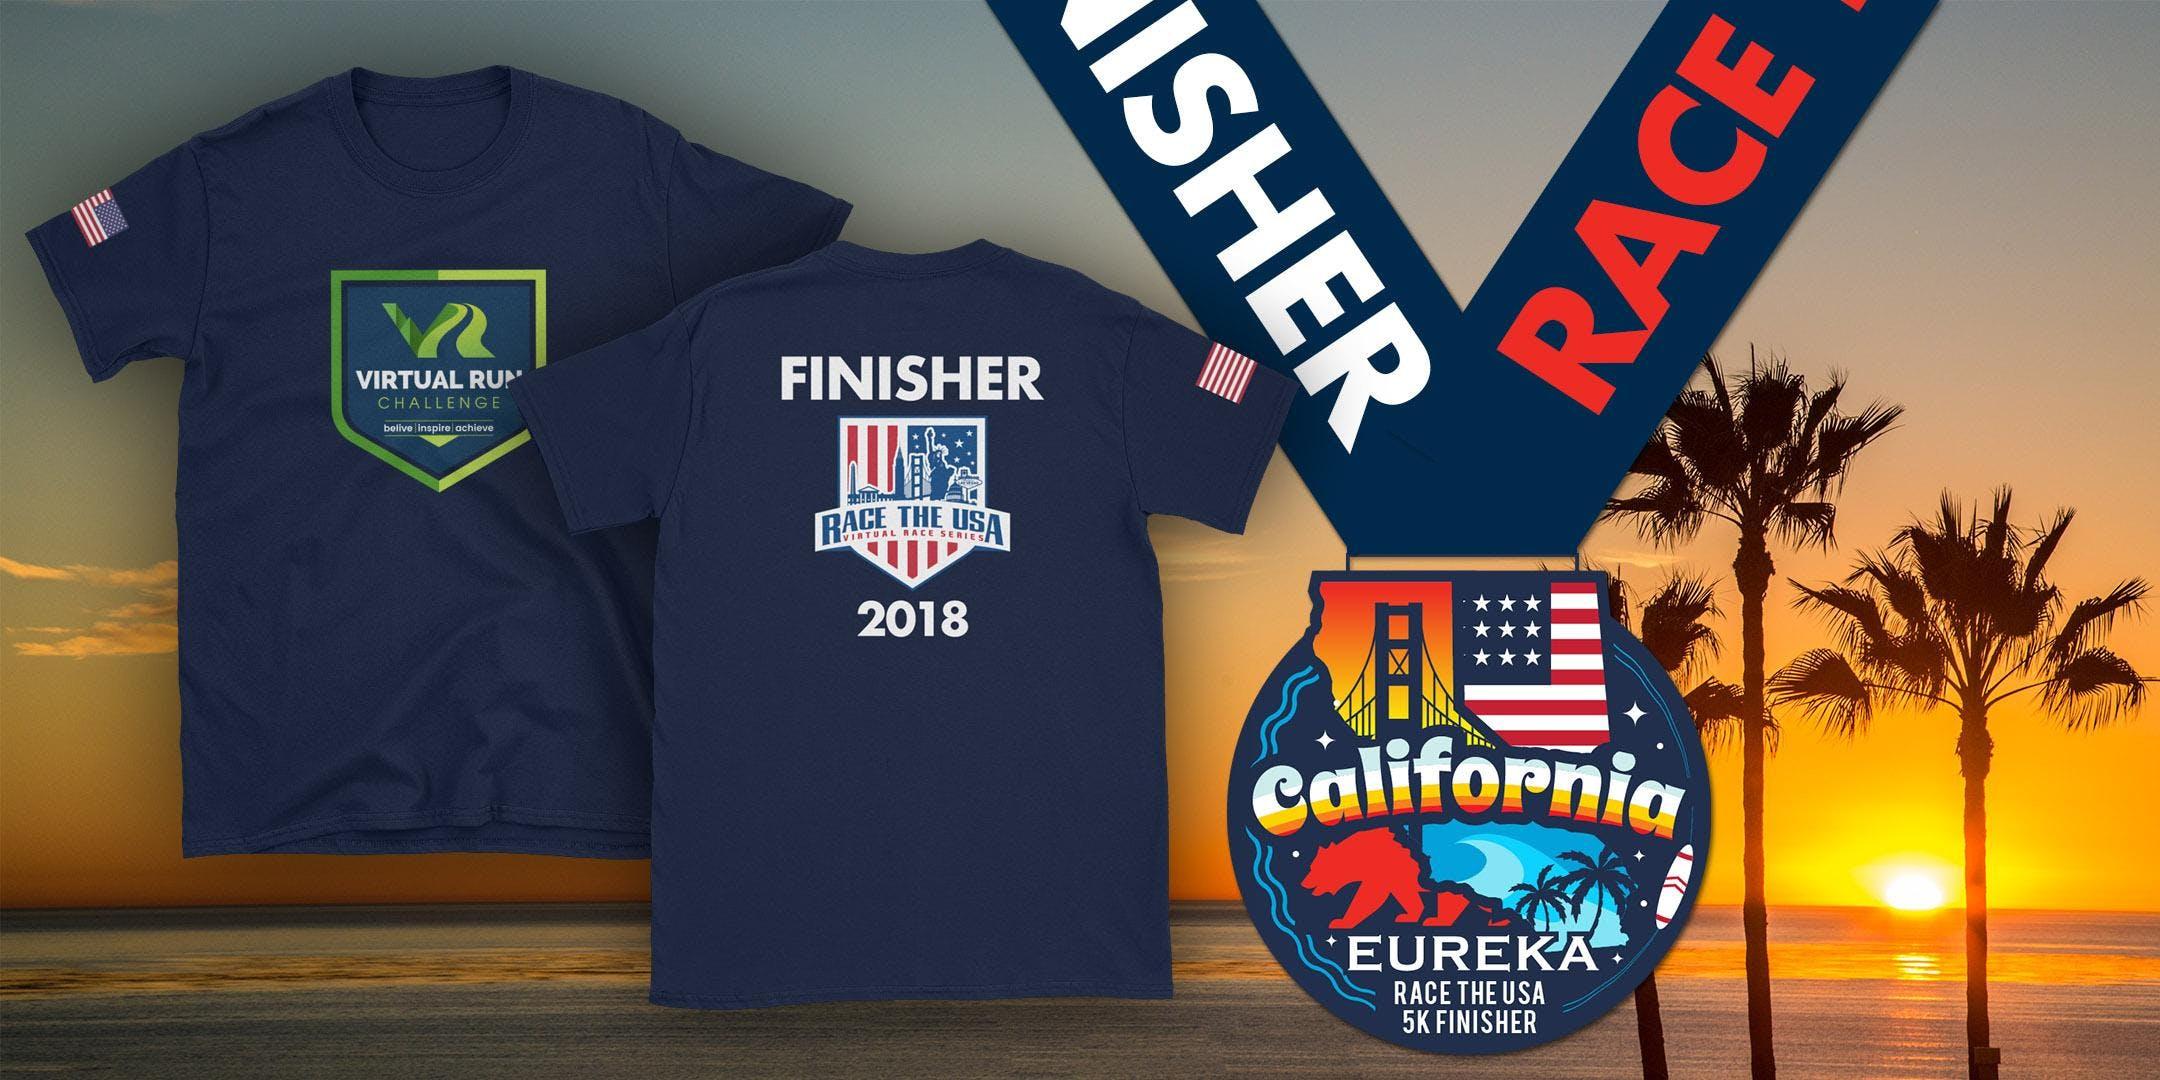 Race the USA California Virtual 5k Run/Walk - Compton